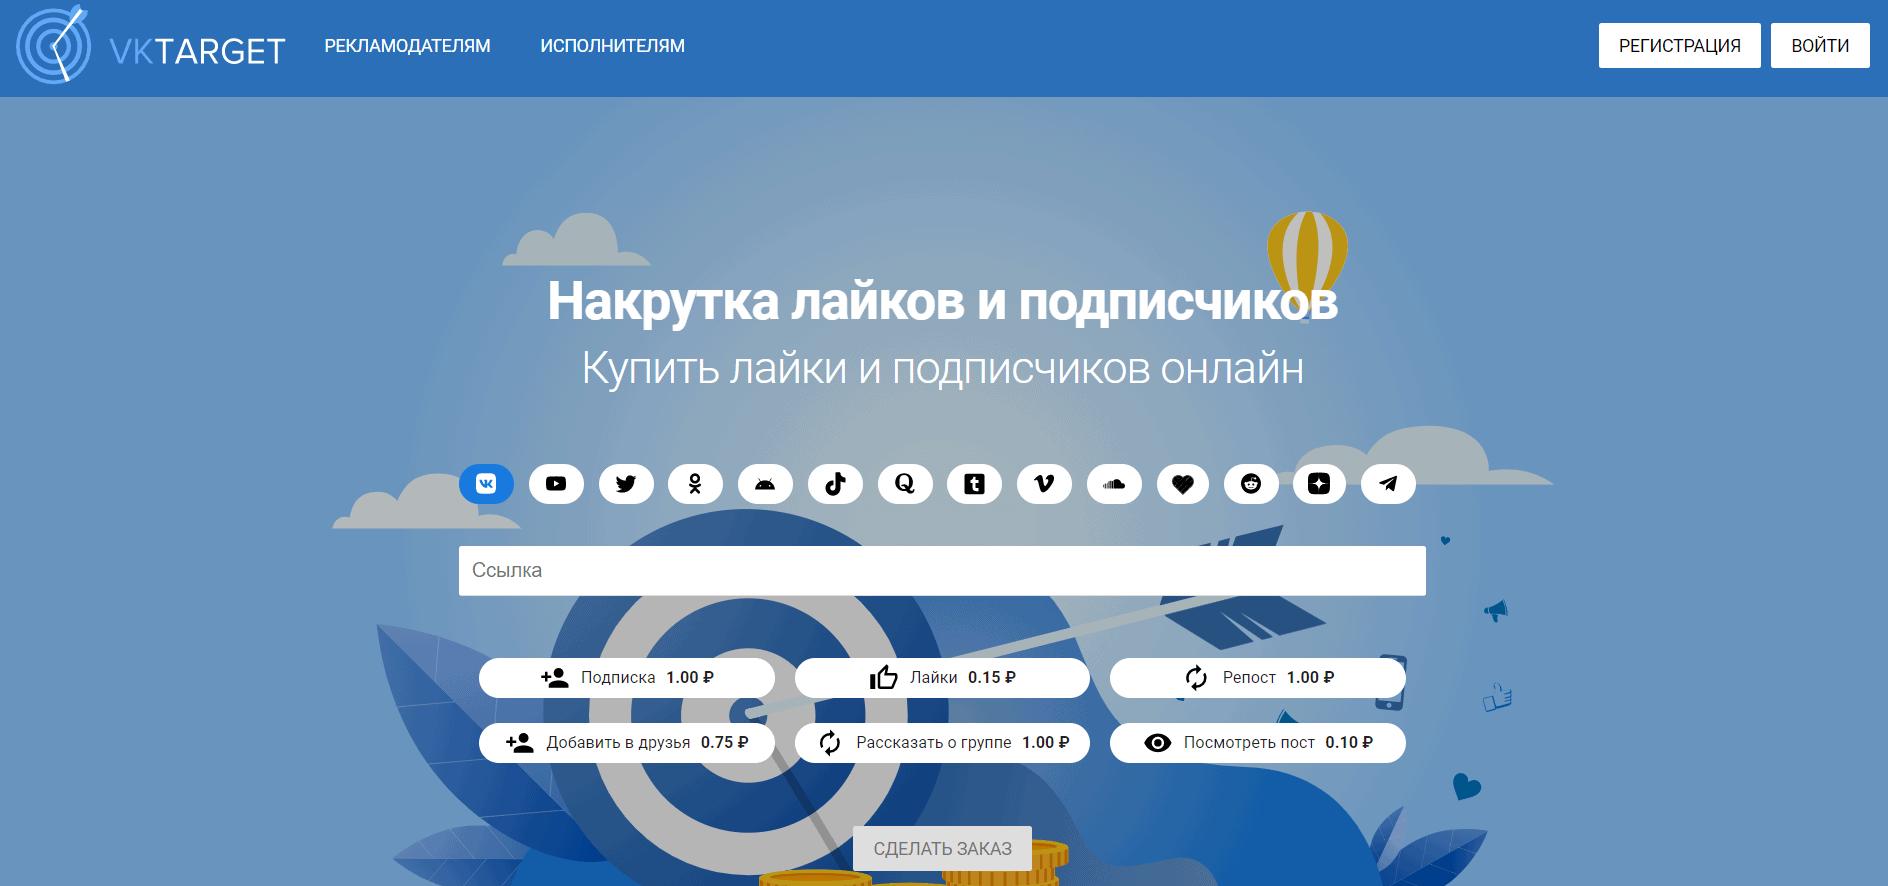 VKTarget — подписчики ВК